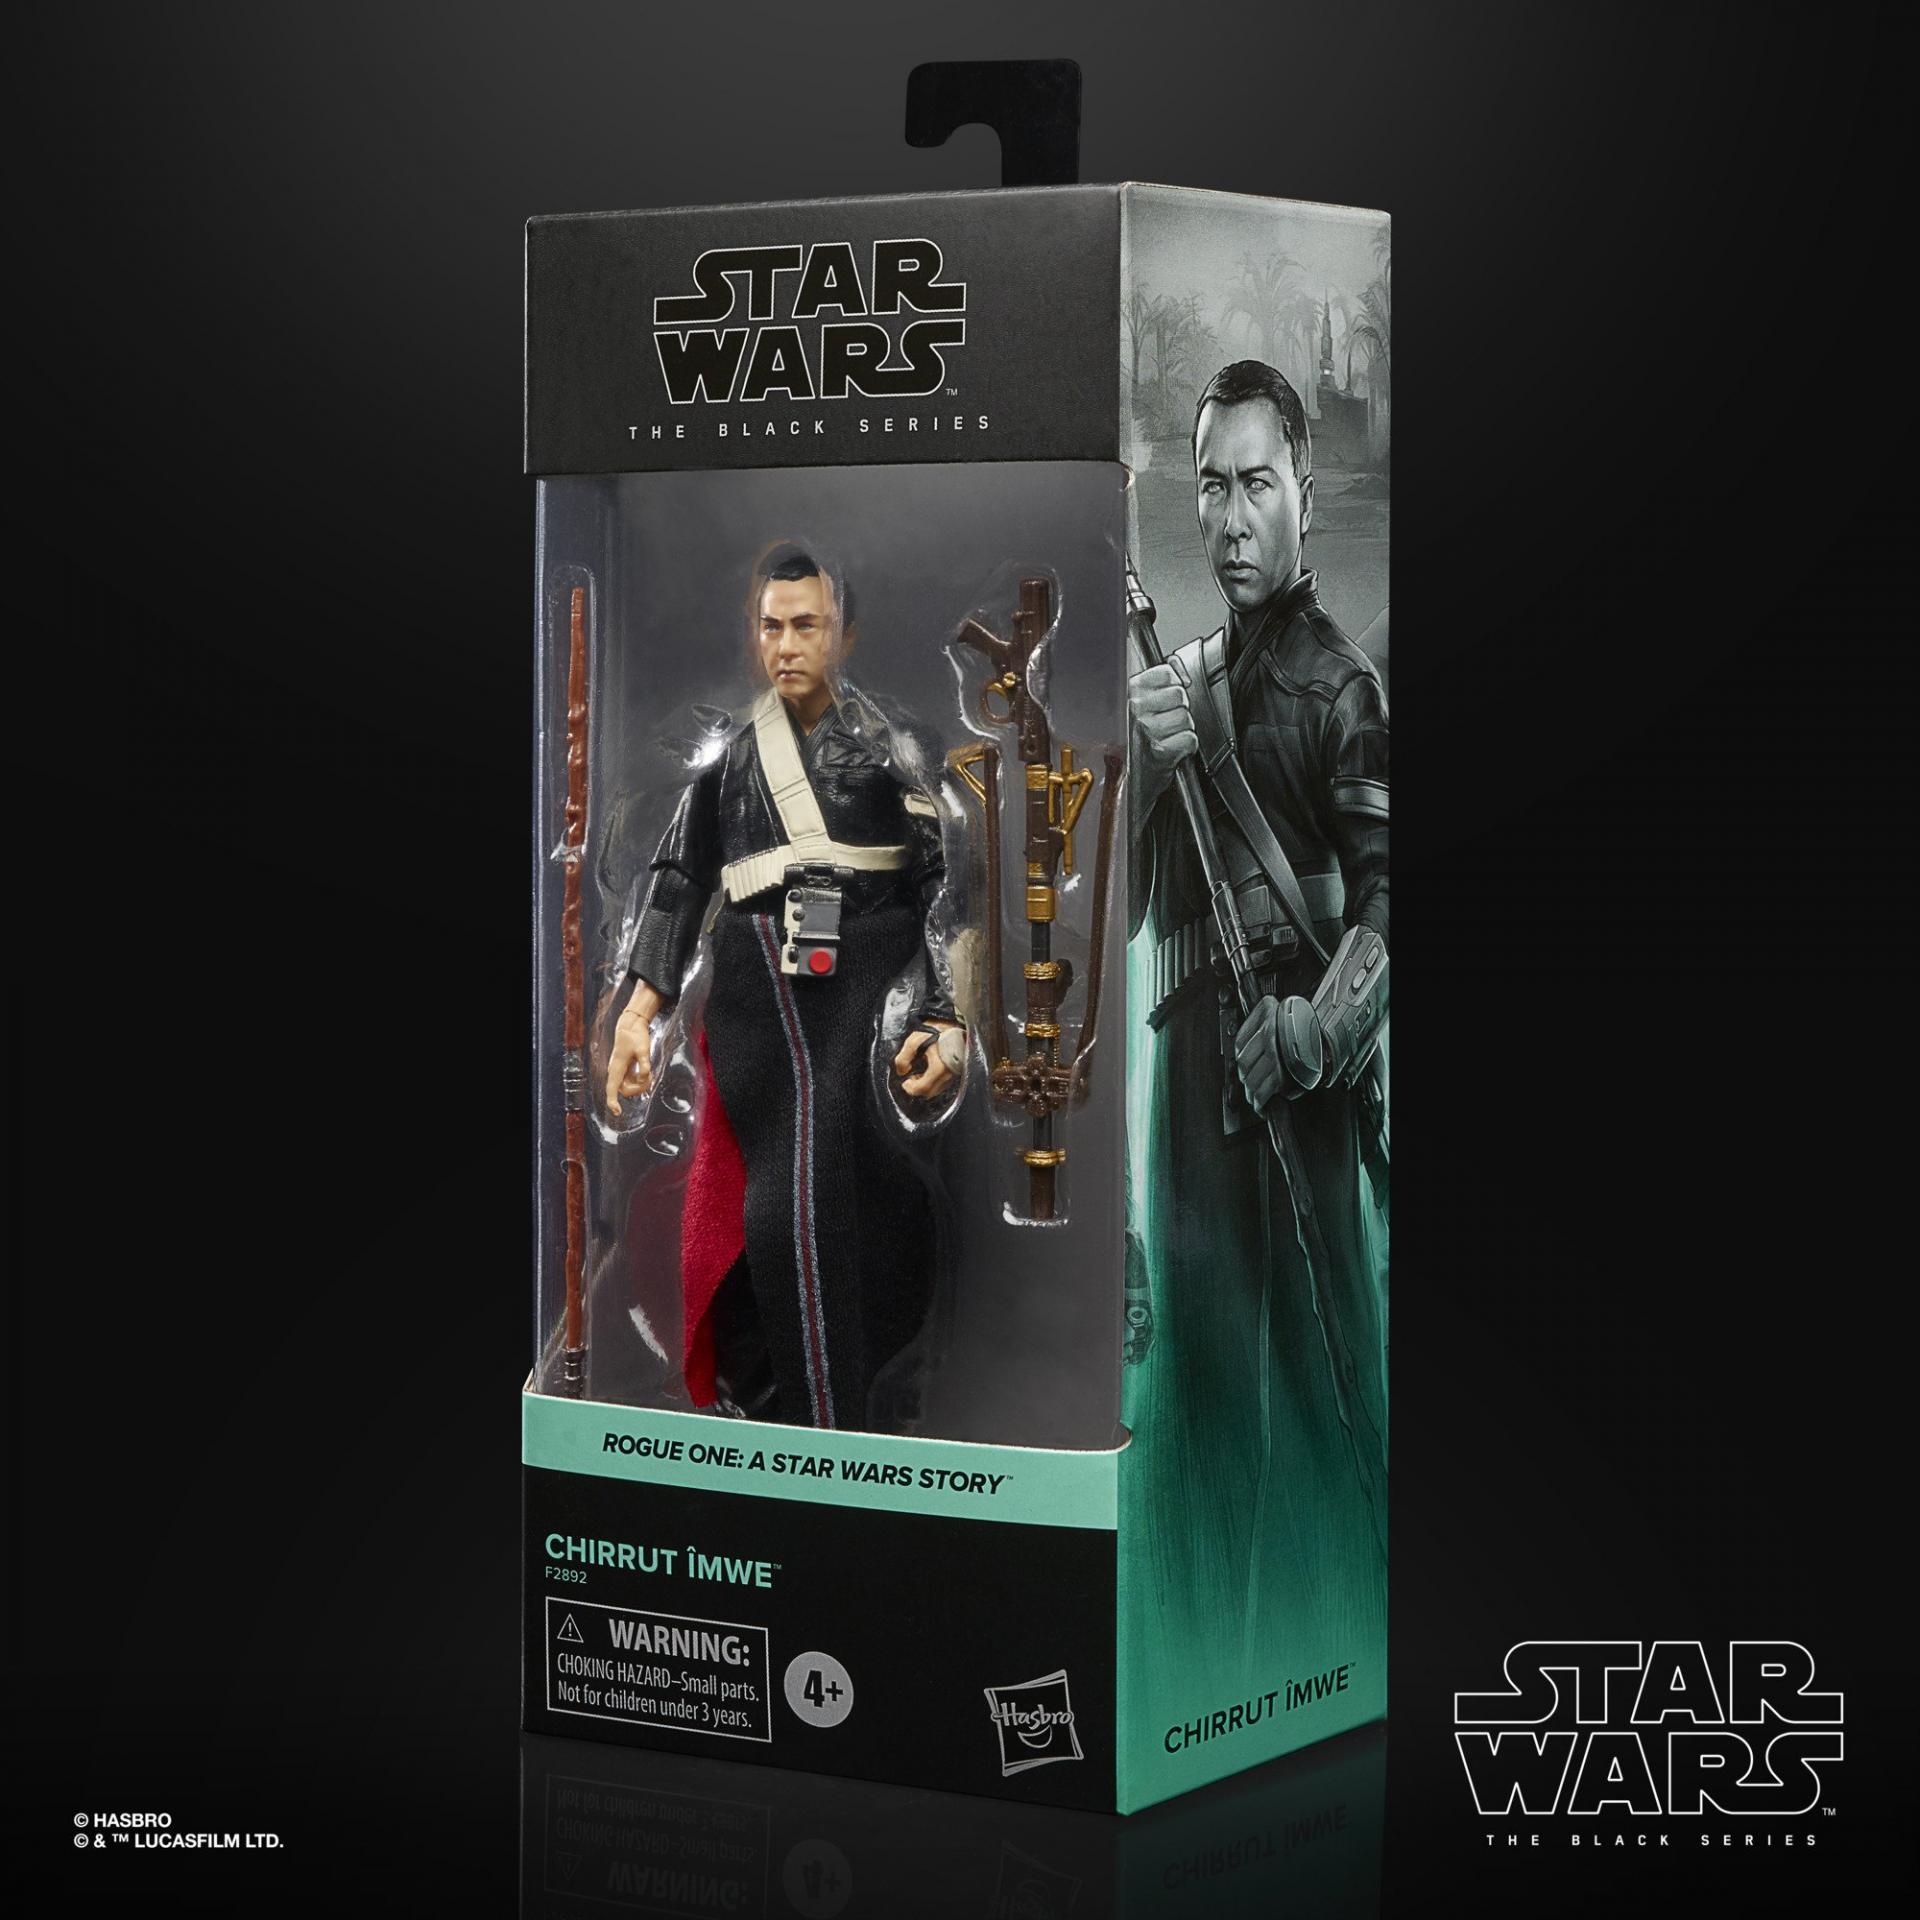 Star wars the black series chirrut imwe 15cm1 1